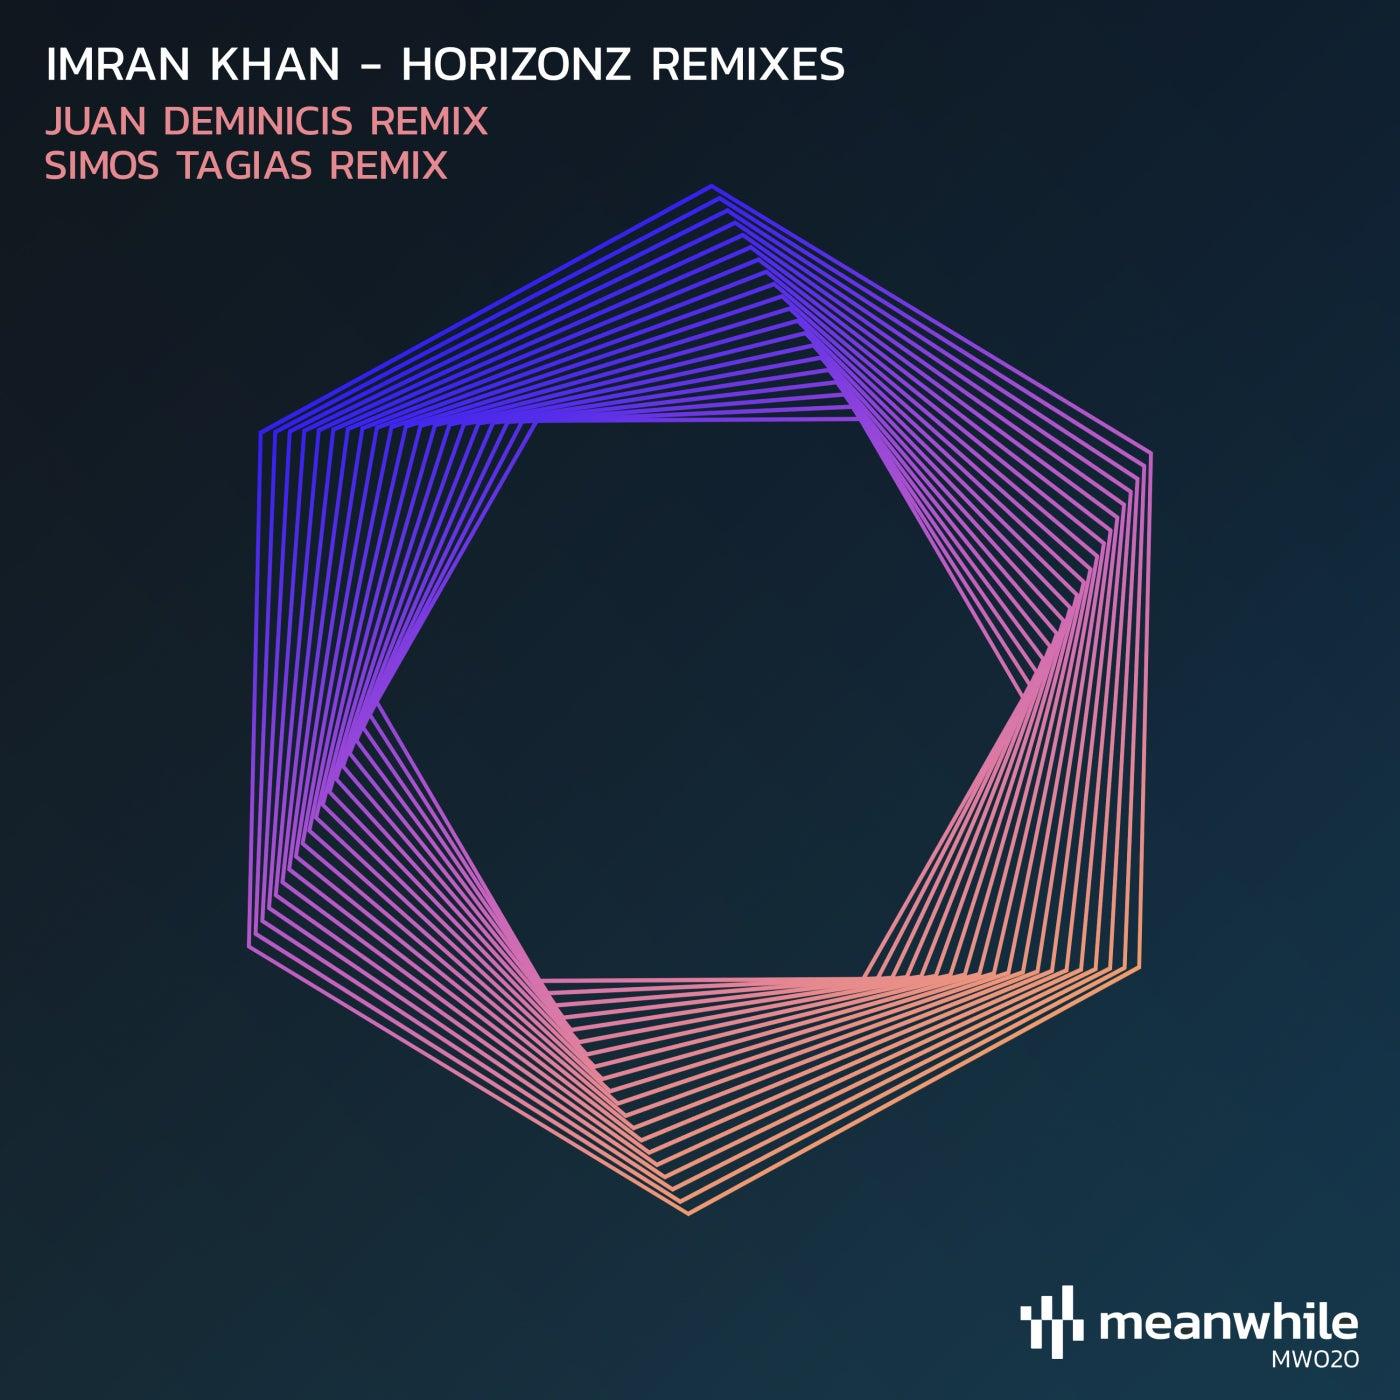 Horizonz (Simos Tagias Remix)